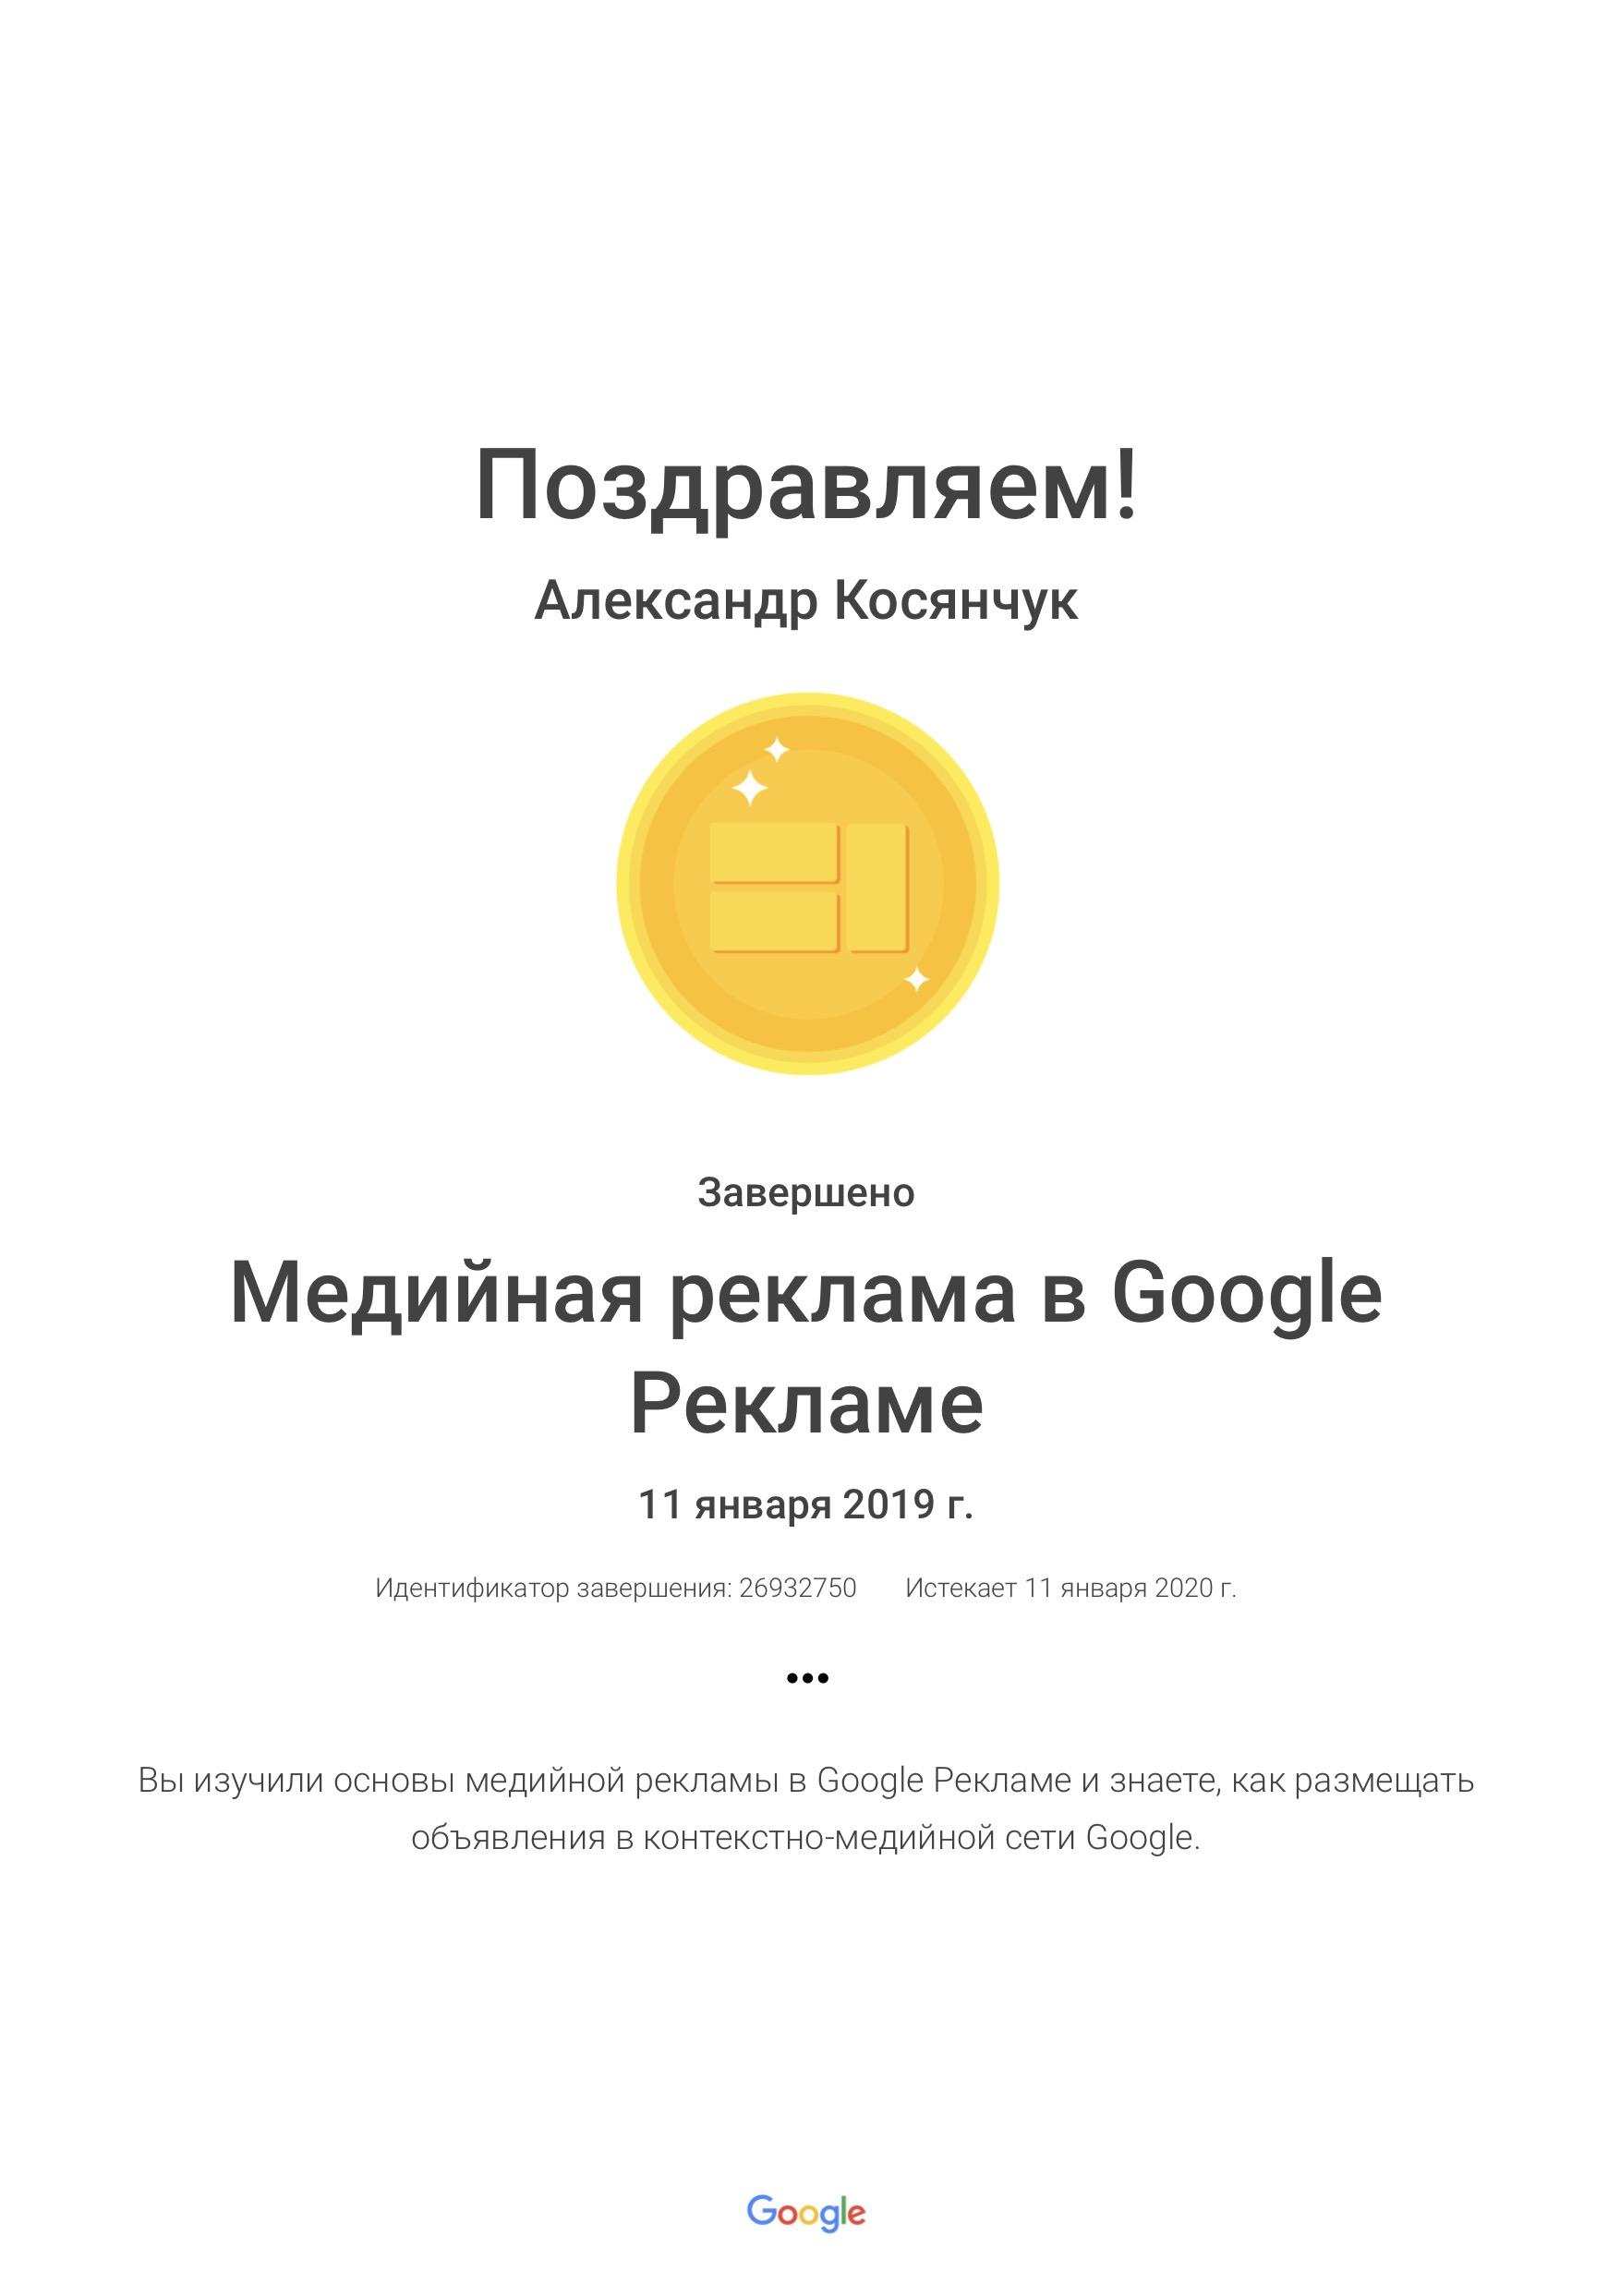 Сертификат специалиста по медийной рекламе AdWords – 2019 год